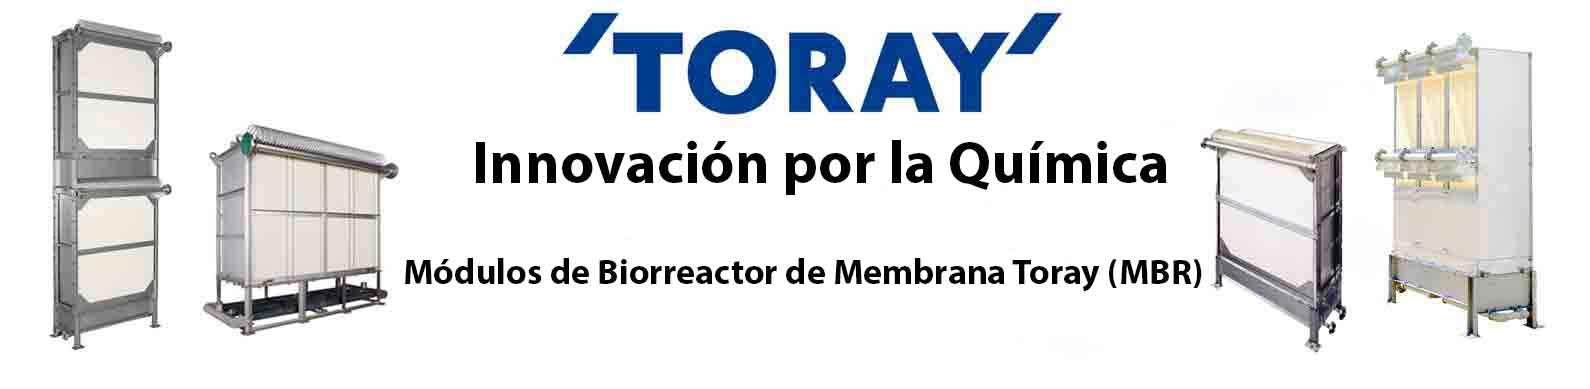 modulos-de-biorreactor-de-membrana-toray.jpg